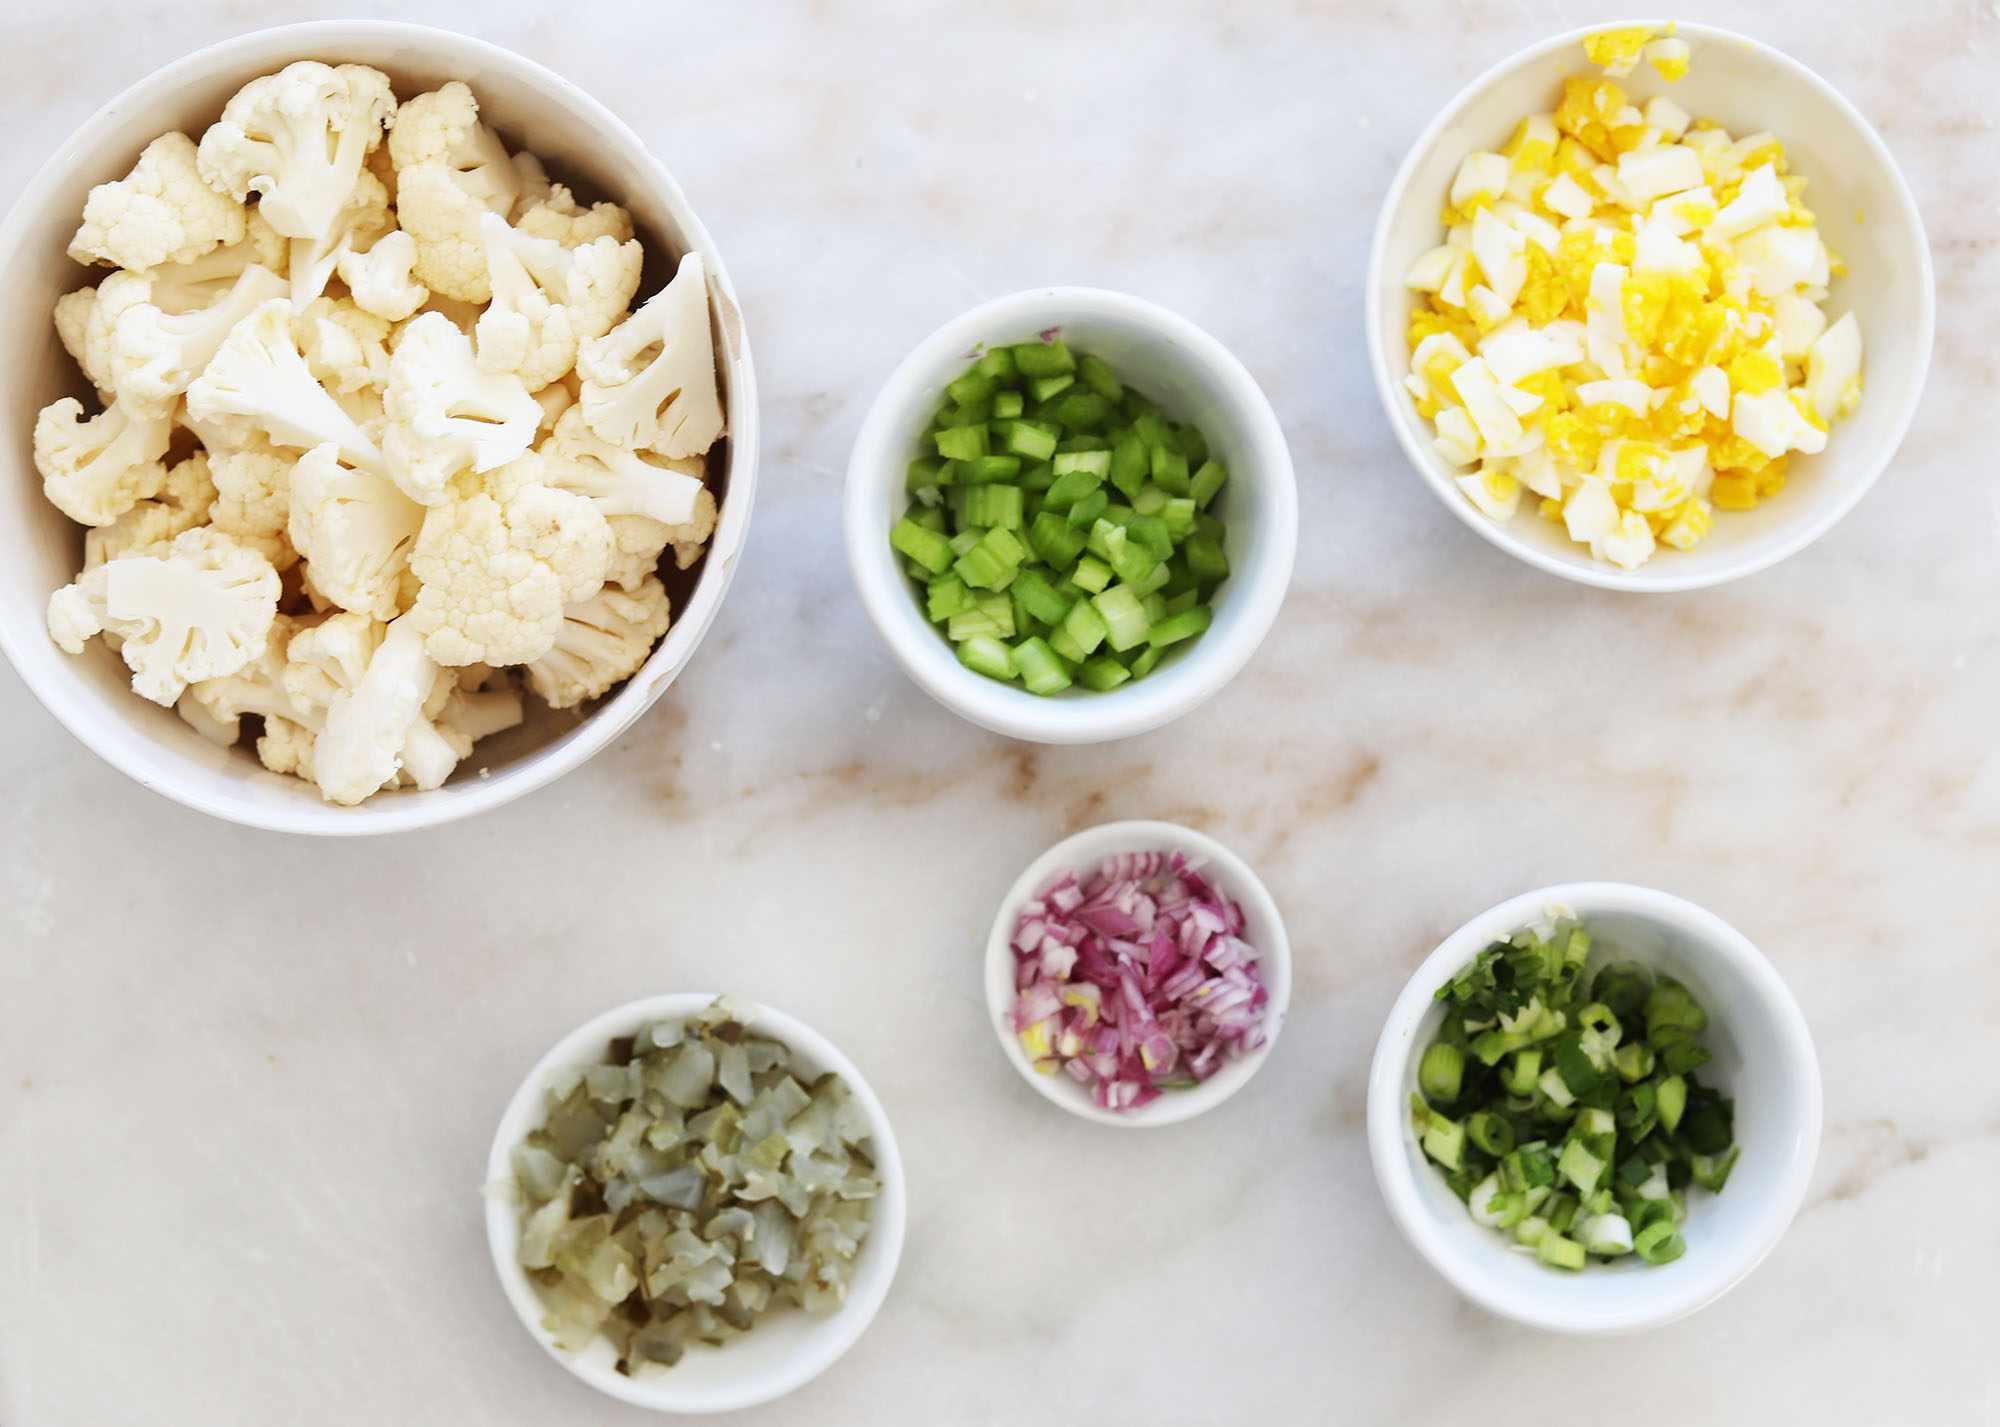 cauliflower salad ingredients